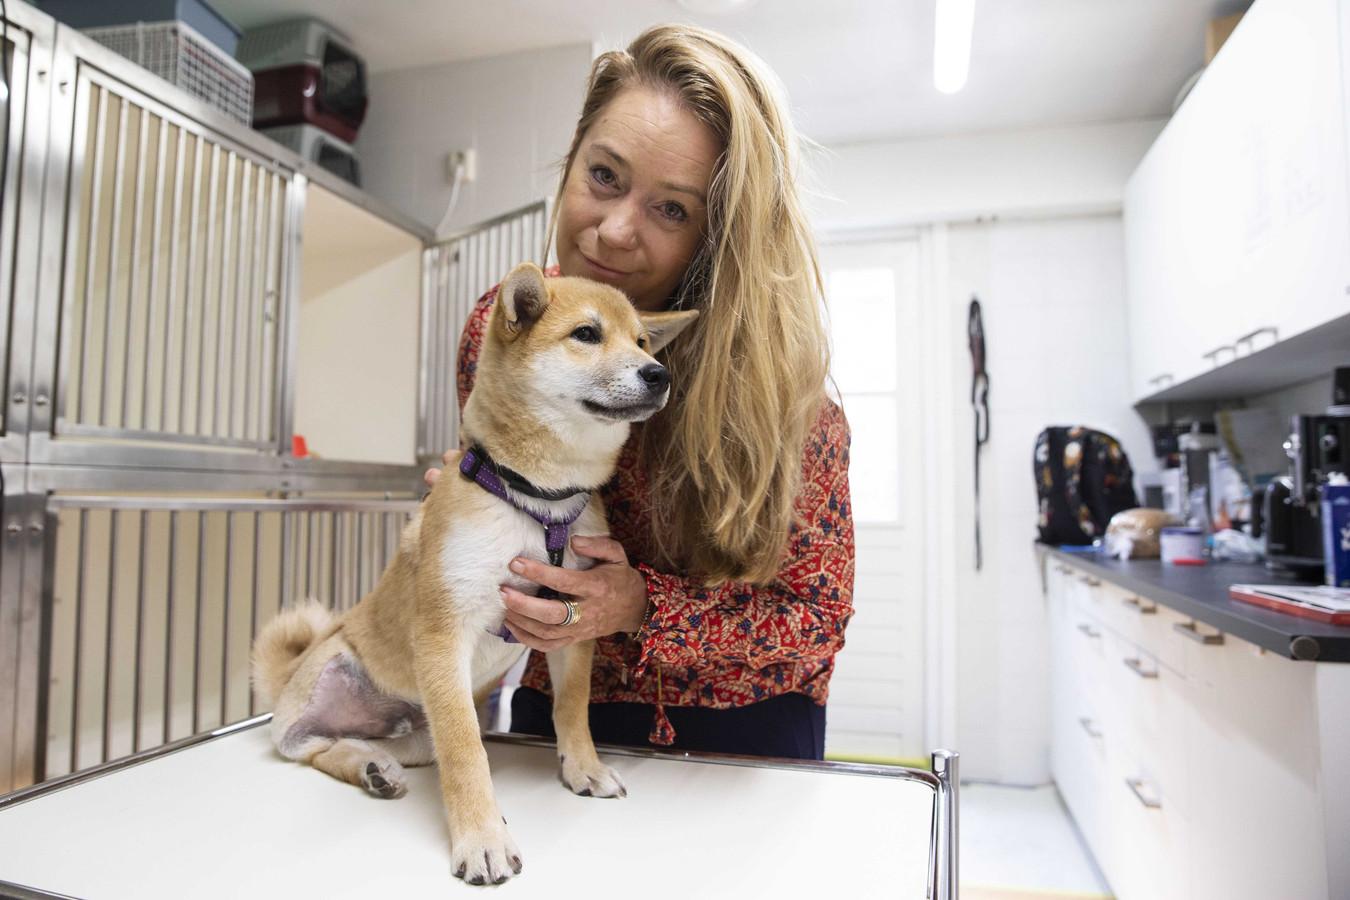 Karen Soeters van dierenhulporganisatie House of Animals met het gehandicapte hondje Jukka. De hond komt uit een 'puppyfabriek' in Hongarije.